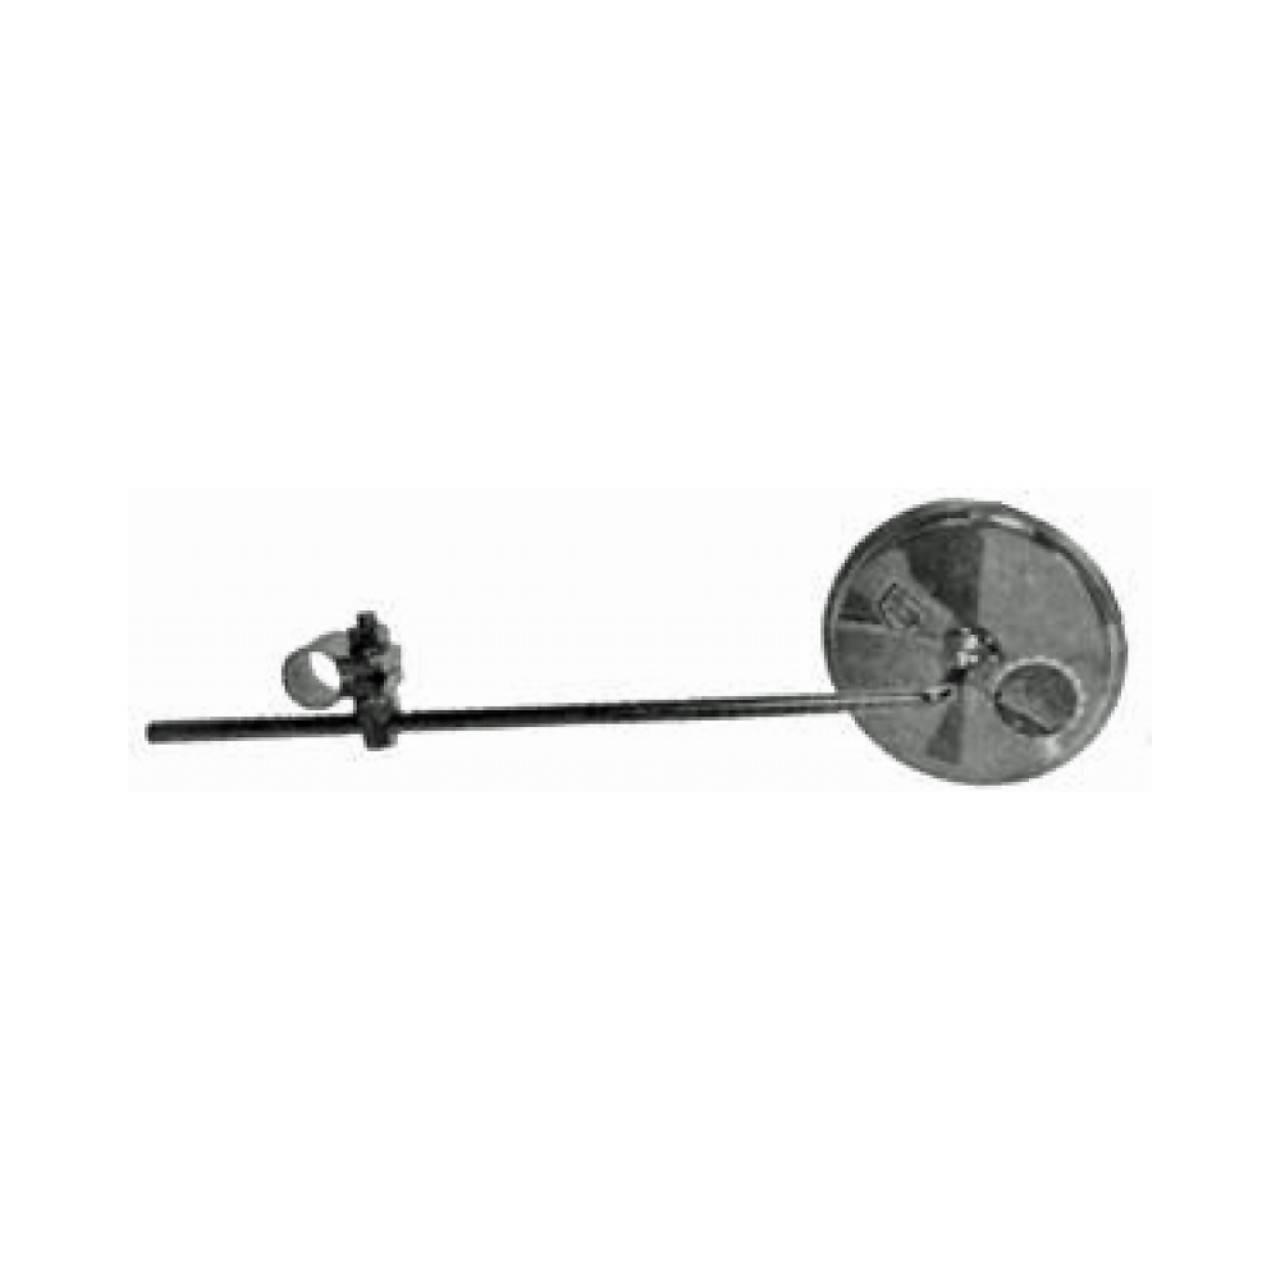 busch und m ller fahrradspiegel rostfrei polo spiegel. Black Bedroom Furniture Sets. Home Design Ideas